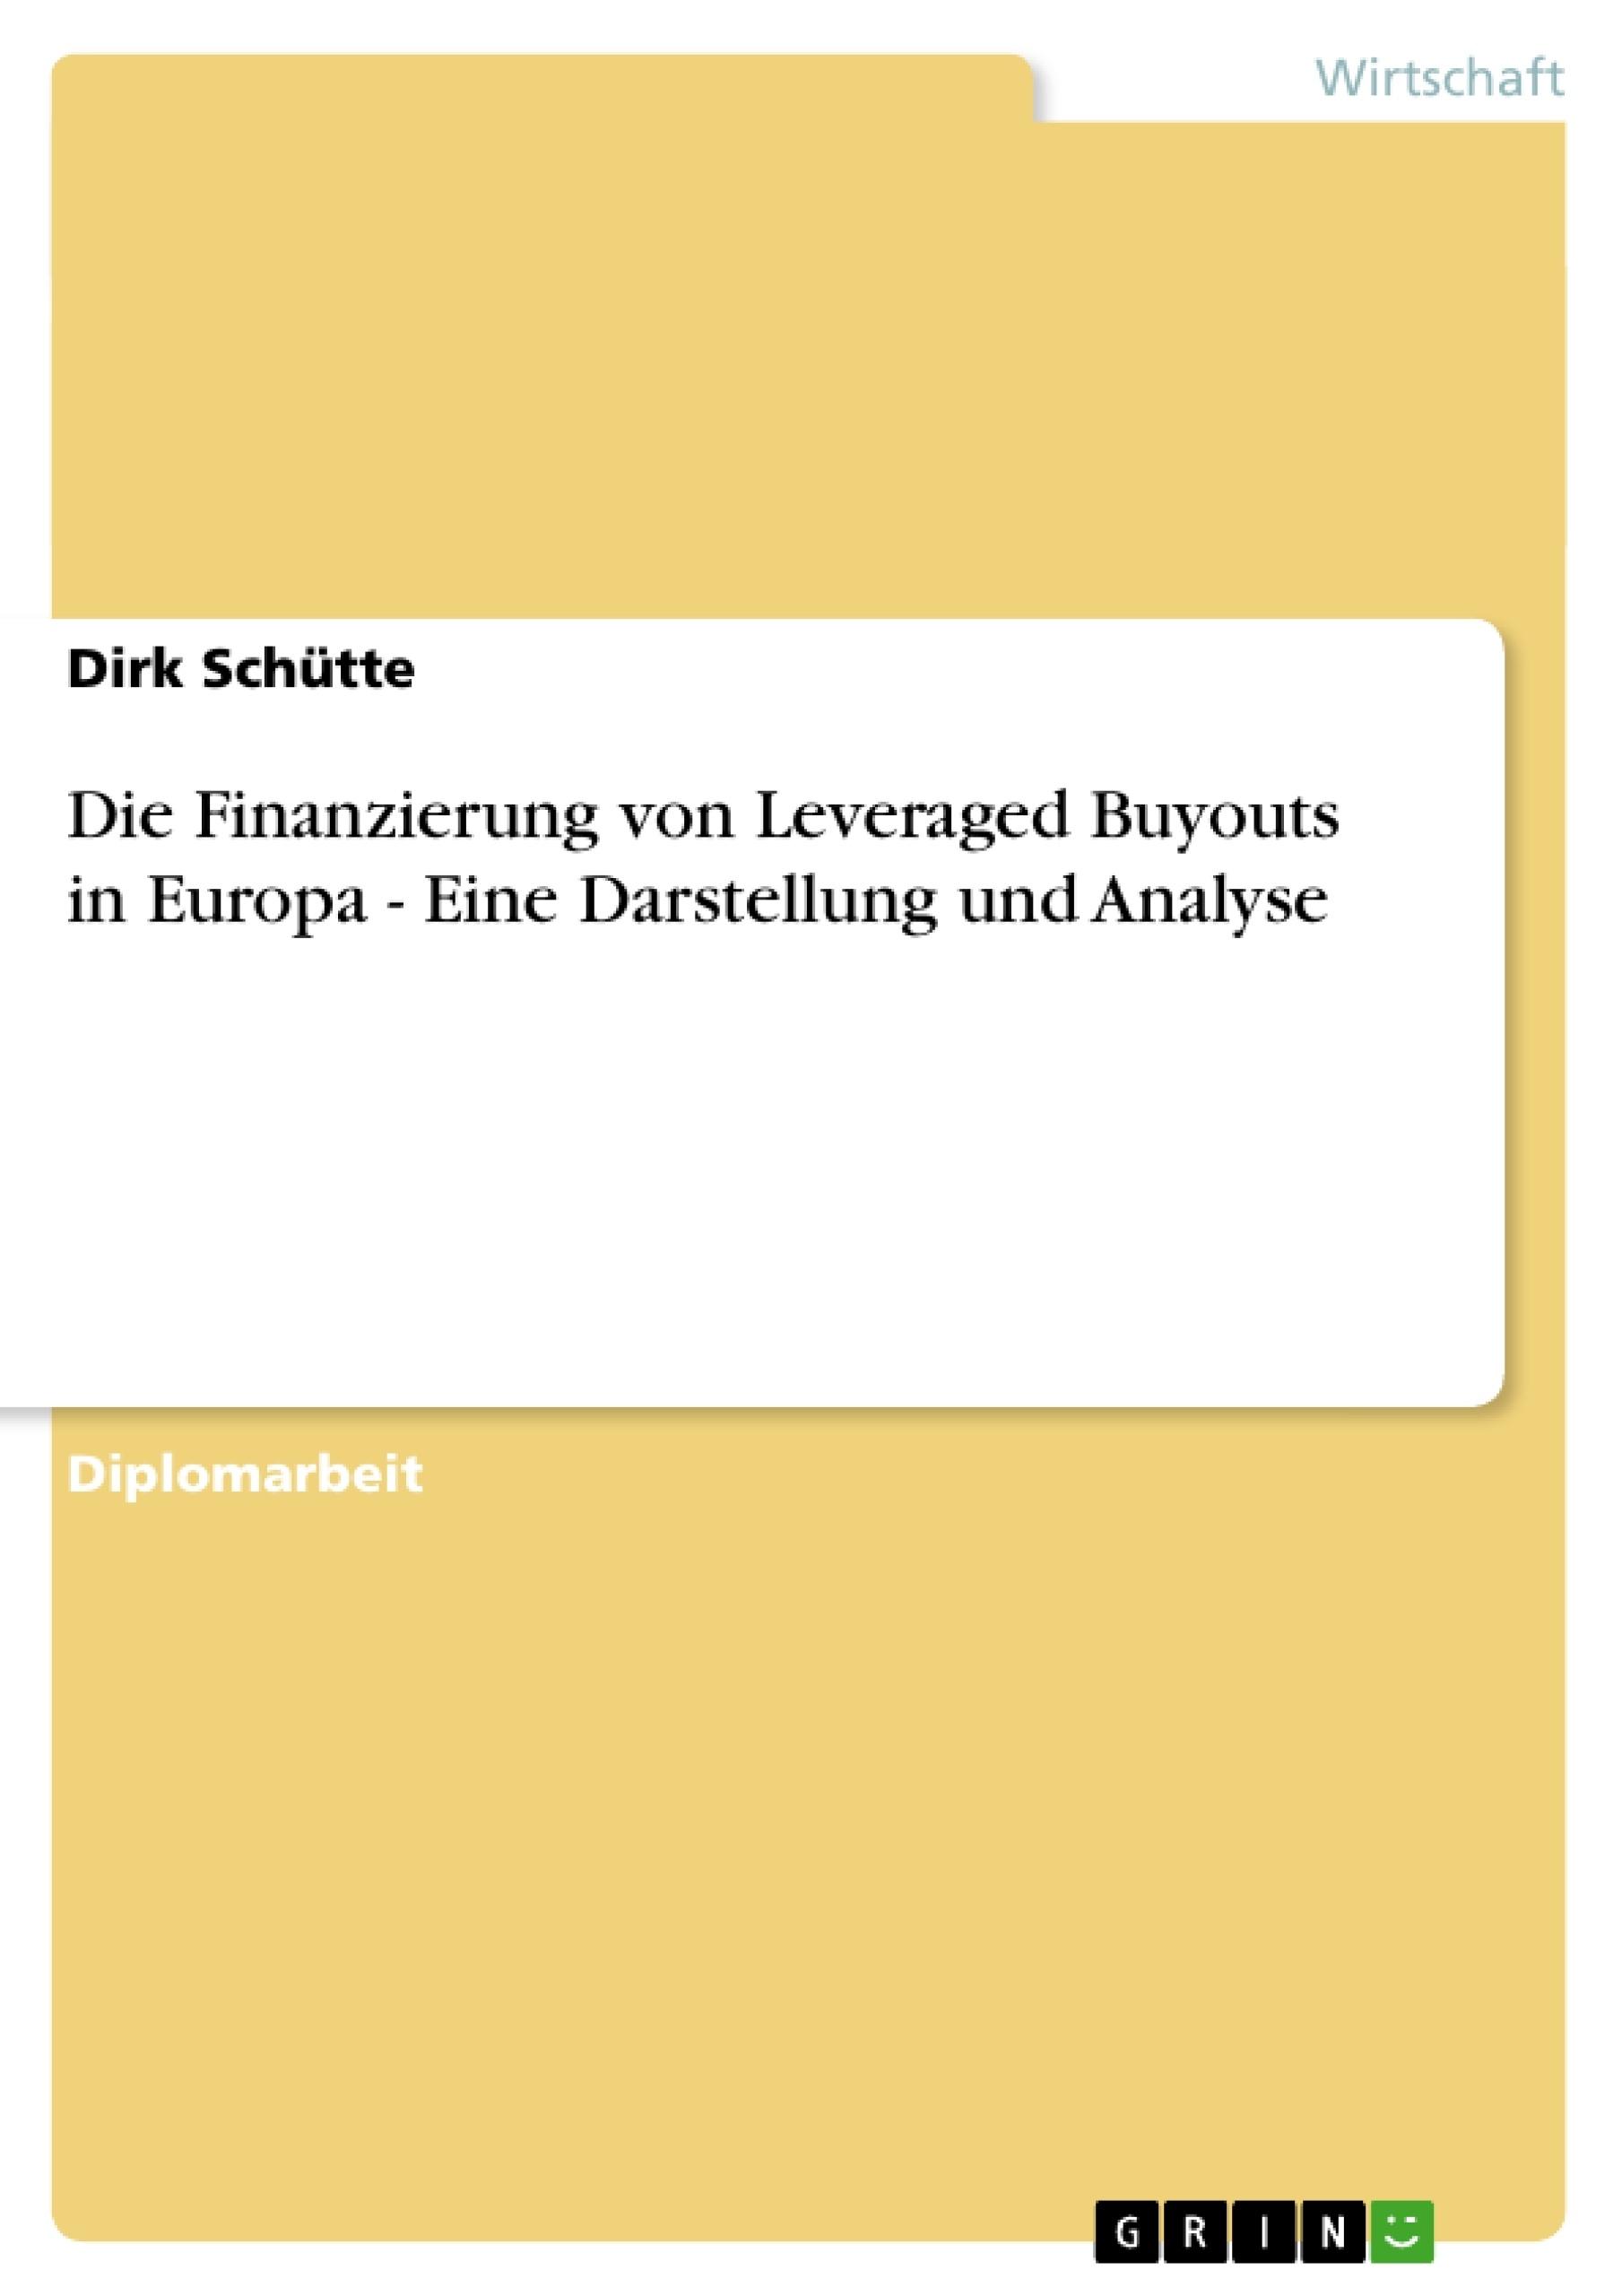 Titel: Die Finanzierung von Leveraged Buyouts in Europa - Eine Darstellung und Analyse